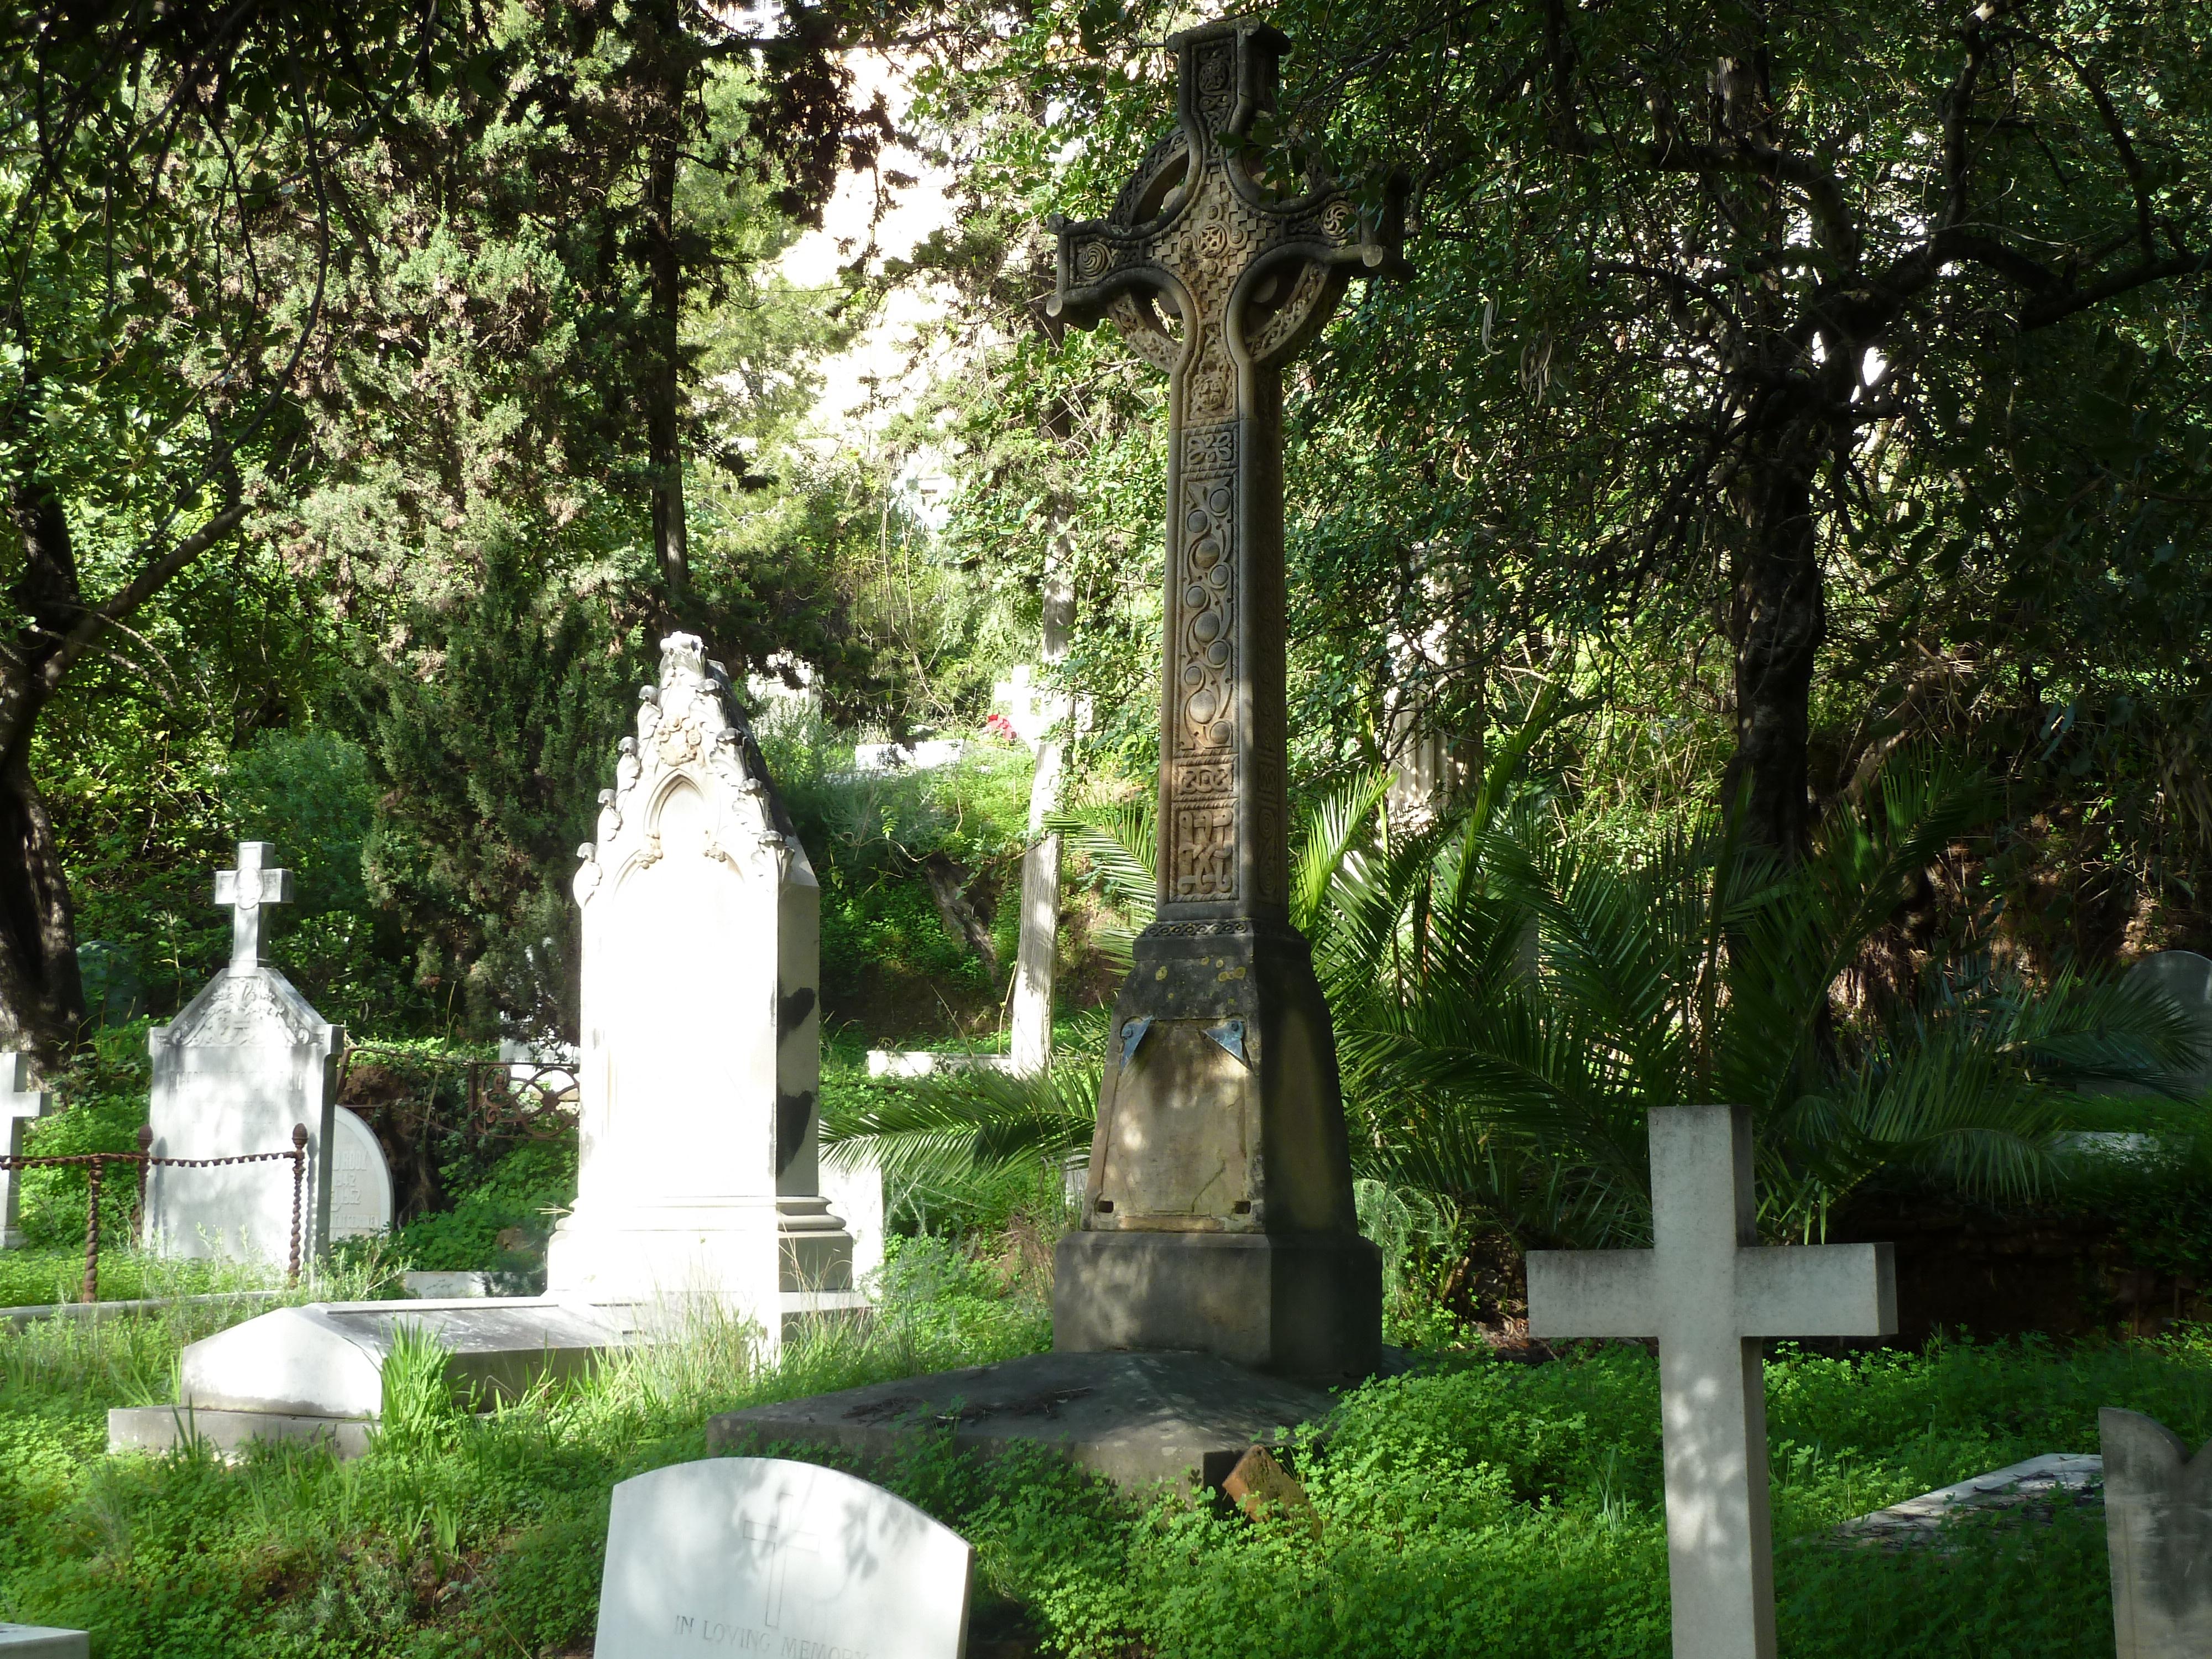 Le cimeti re anglais de malaga andalousie visiter l for Visiter les jardins anglais